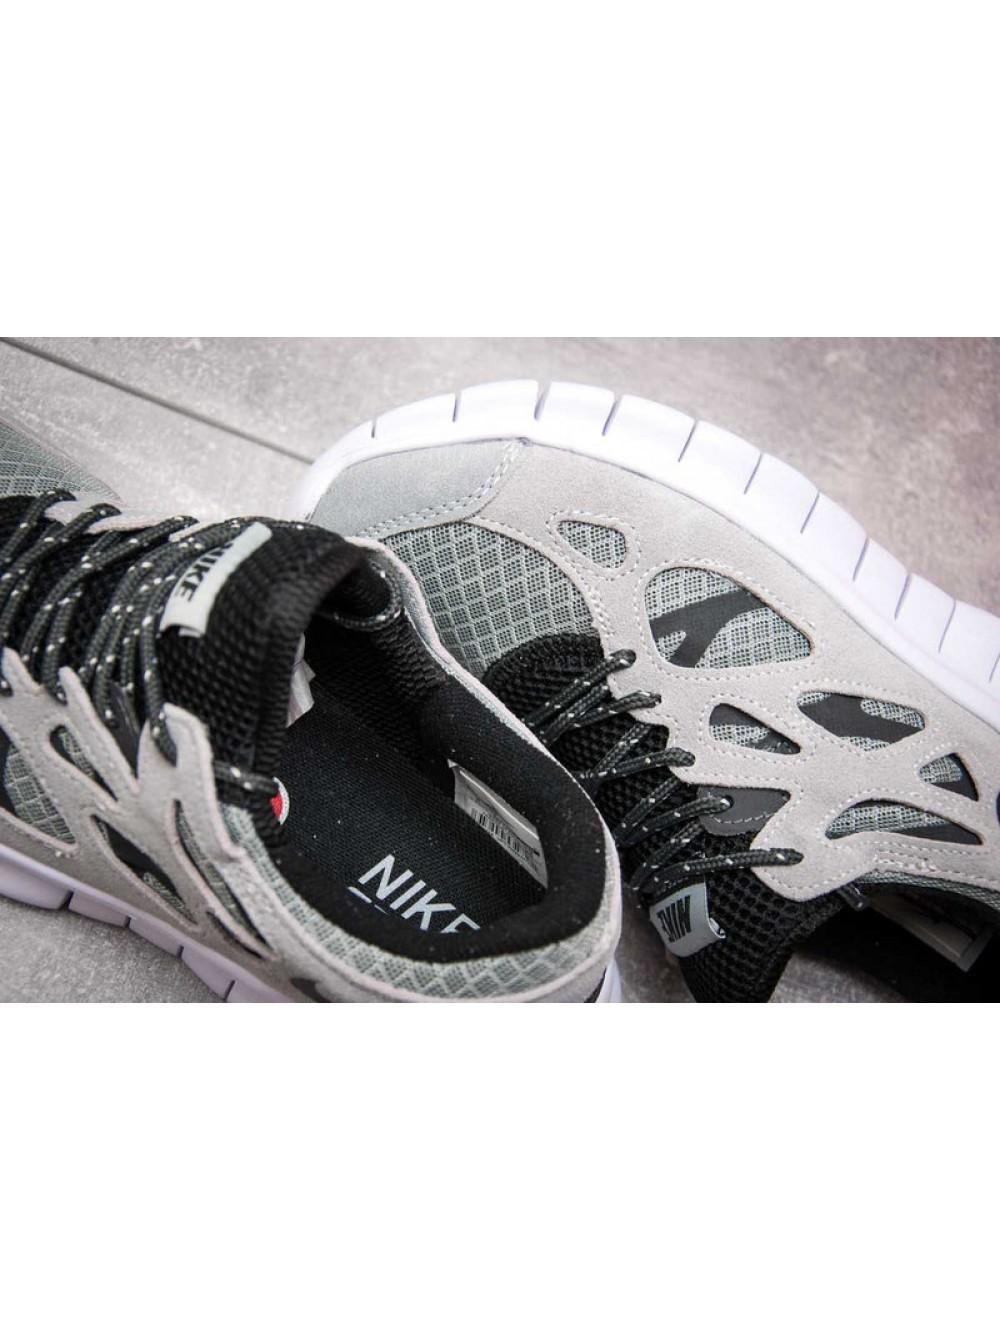 f8610c54 Кроссовки Nike Free Run, Светло-серый, 13445, 41-45р. Купить